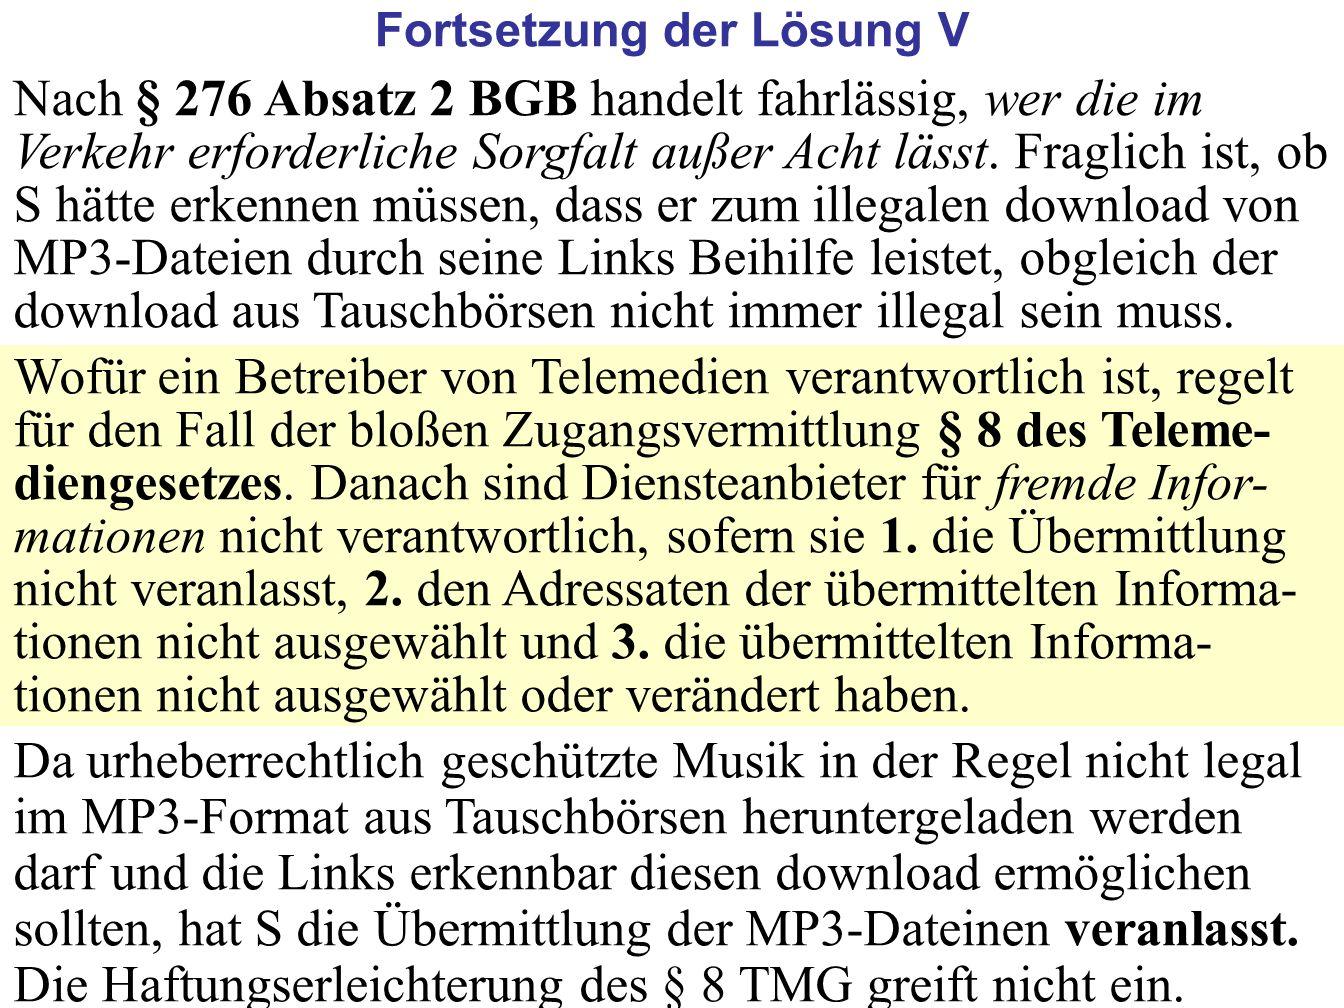 45 Nach § 276 Absatz 2 BGB handelt fahrlässig, wer die im Verkehr erforderliche Sorgfalt außer Acht lässt. Fraglich ist, ob S hätte erkennen müssen, d